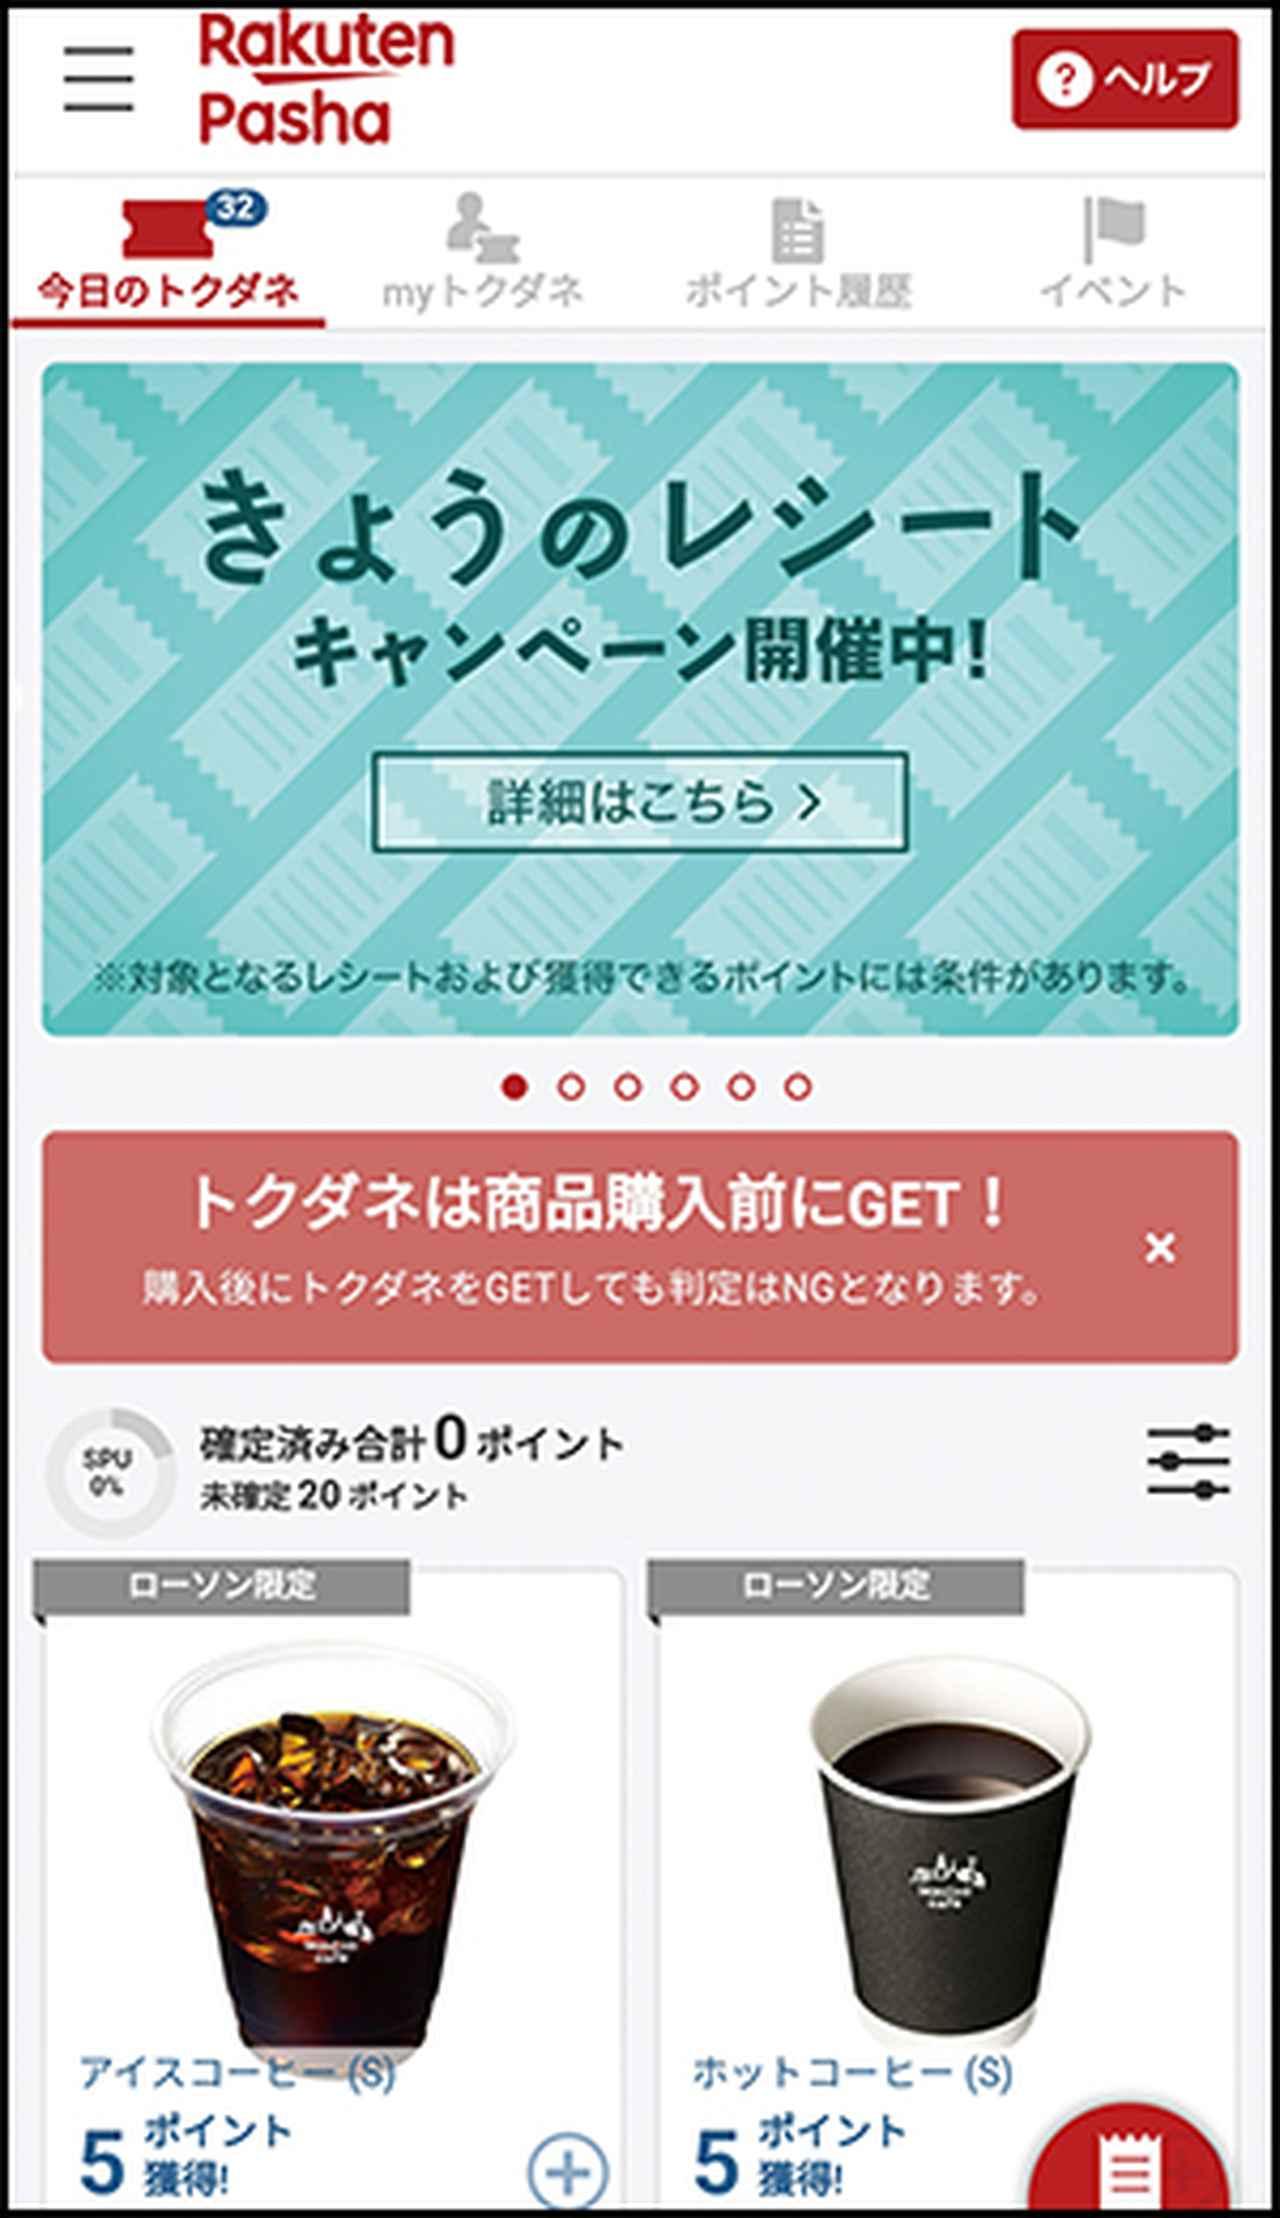 画像2: 【ポイントが貯まるレシートアプリ】活用しやすい「レシーカ」「Rakuten Pasha」がおすすめ